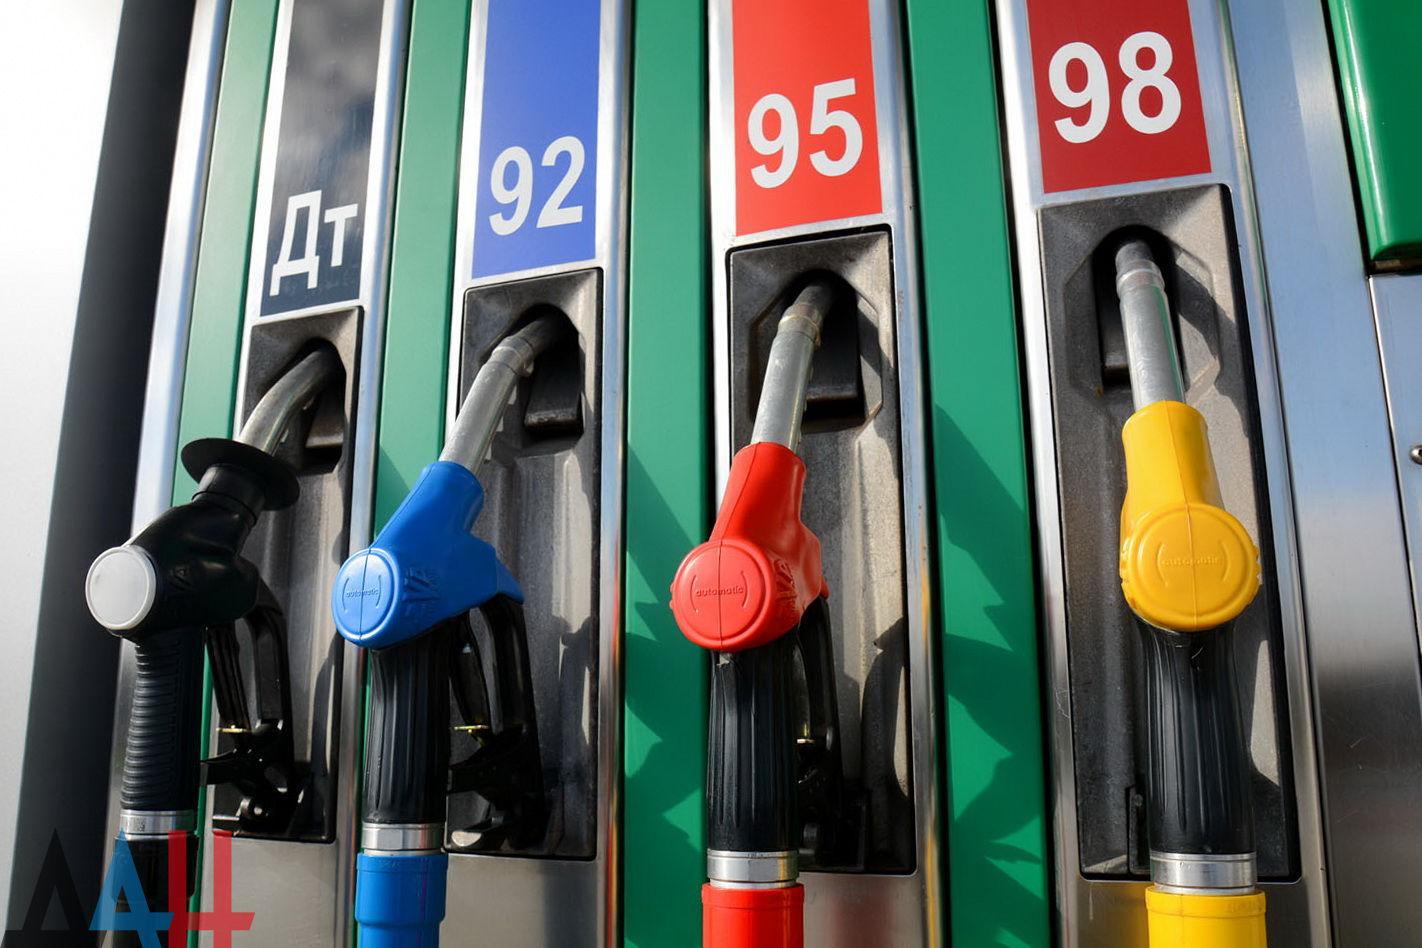 Дефицит бензина на АЗС в Украине: какая ситуация с продажей премиального топлива после решения Кабмина